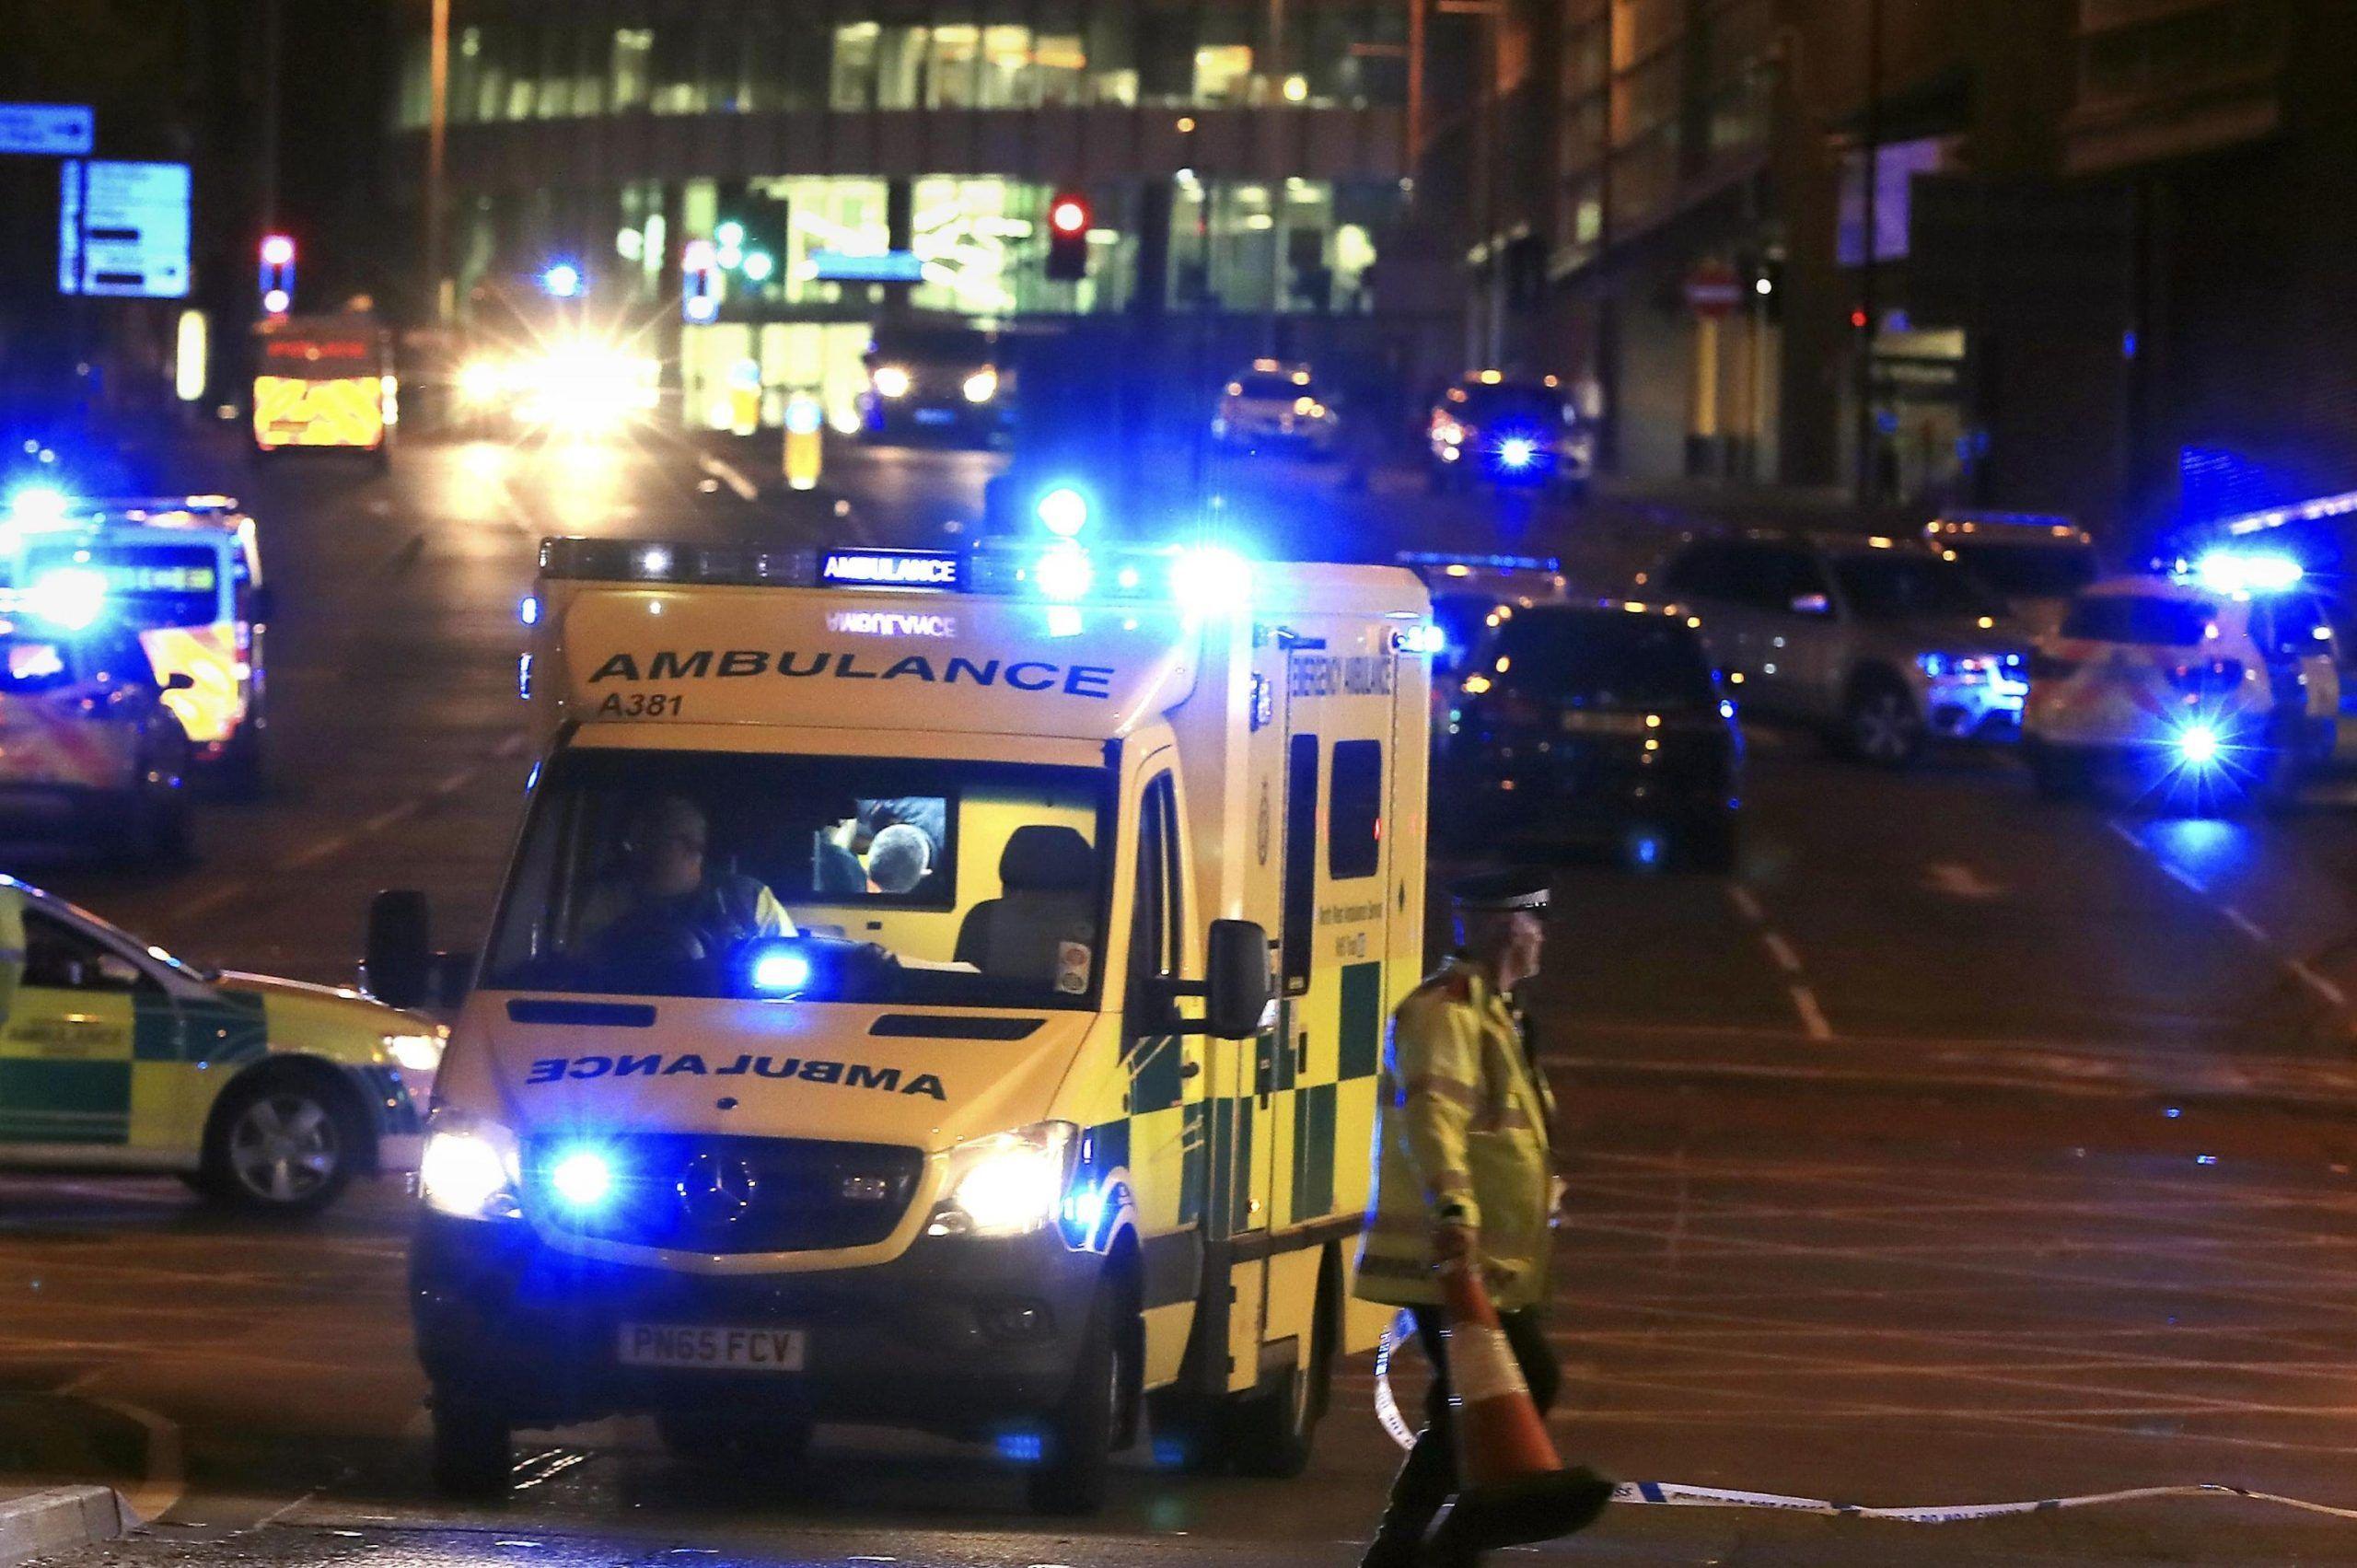 Esplosione alla Manchester Arena, e' strage terrorismo